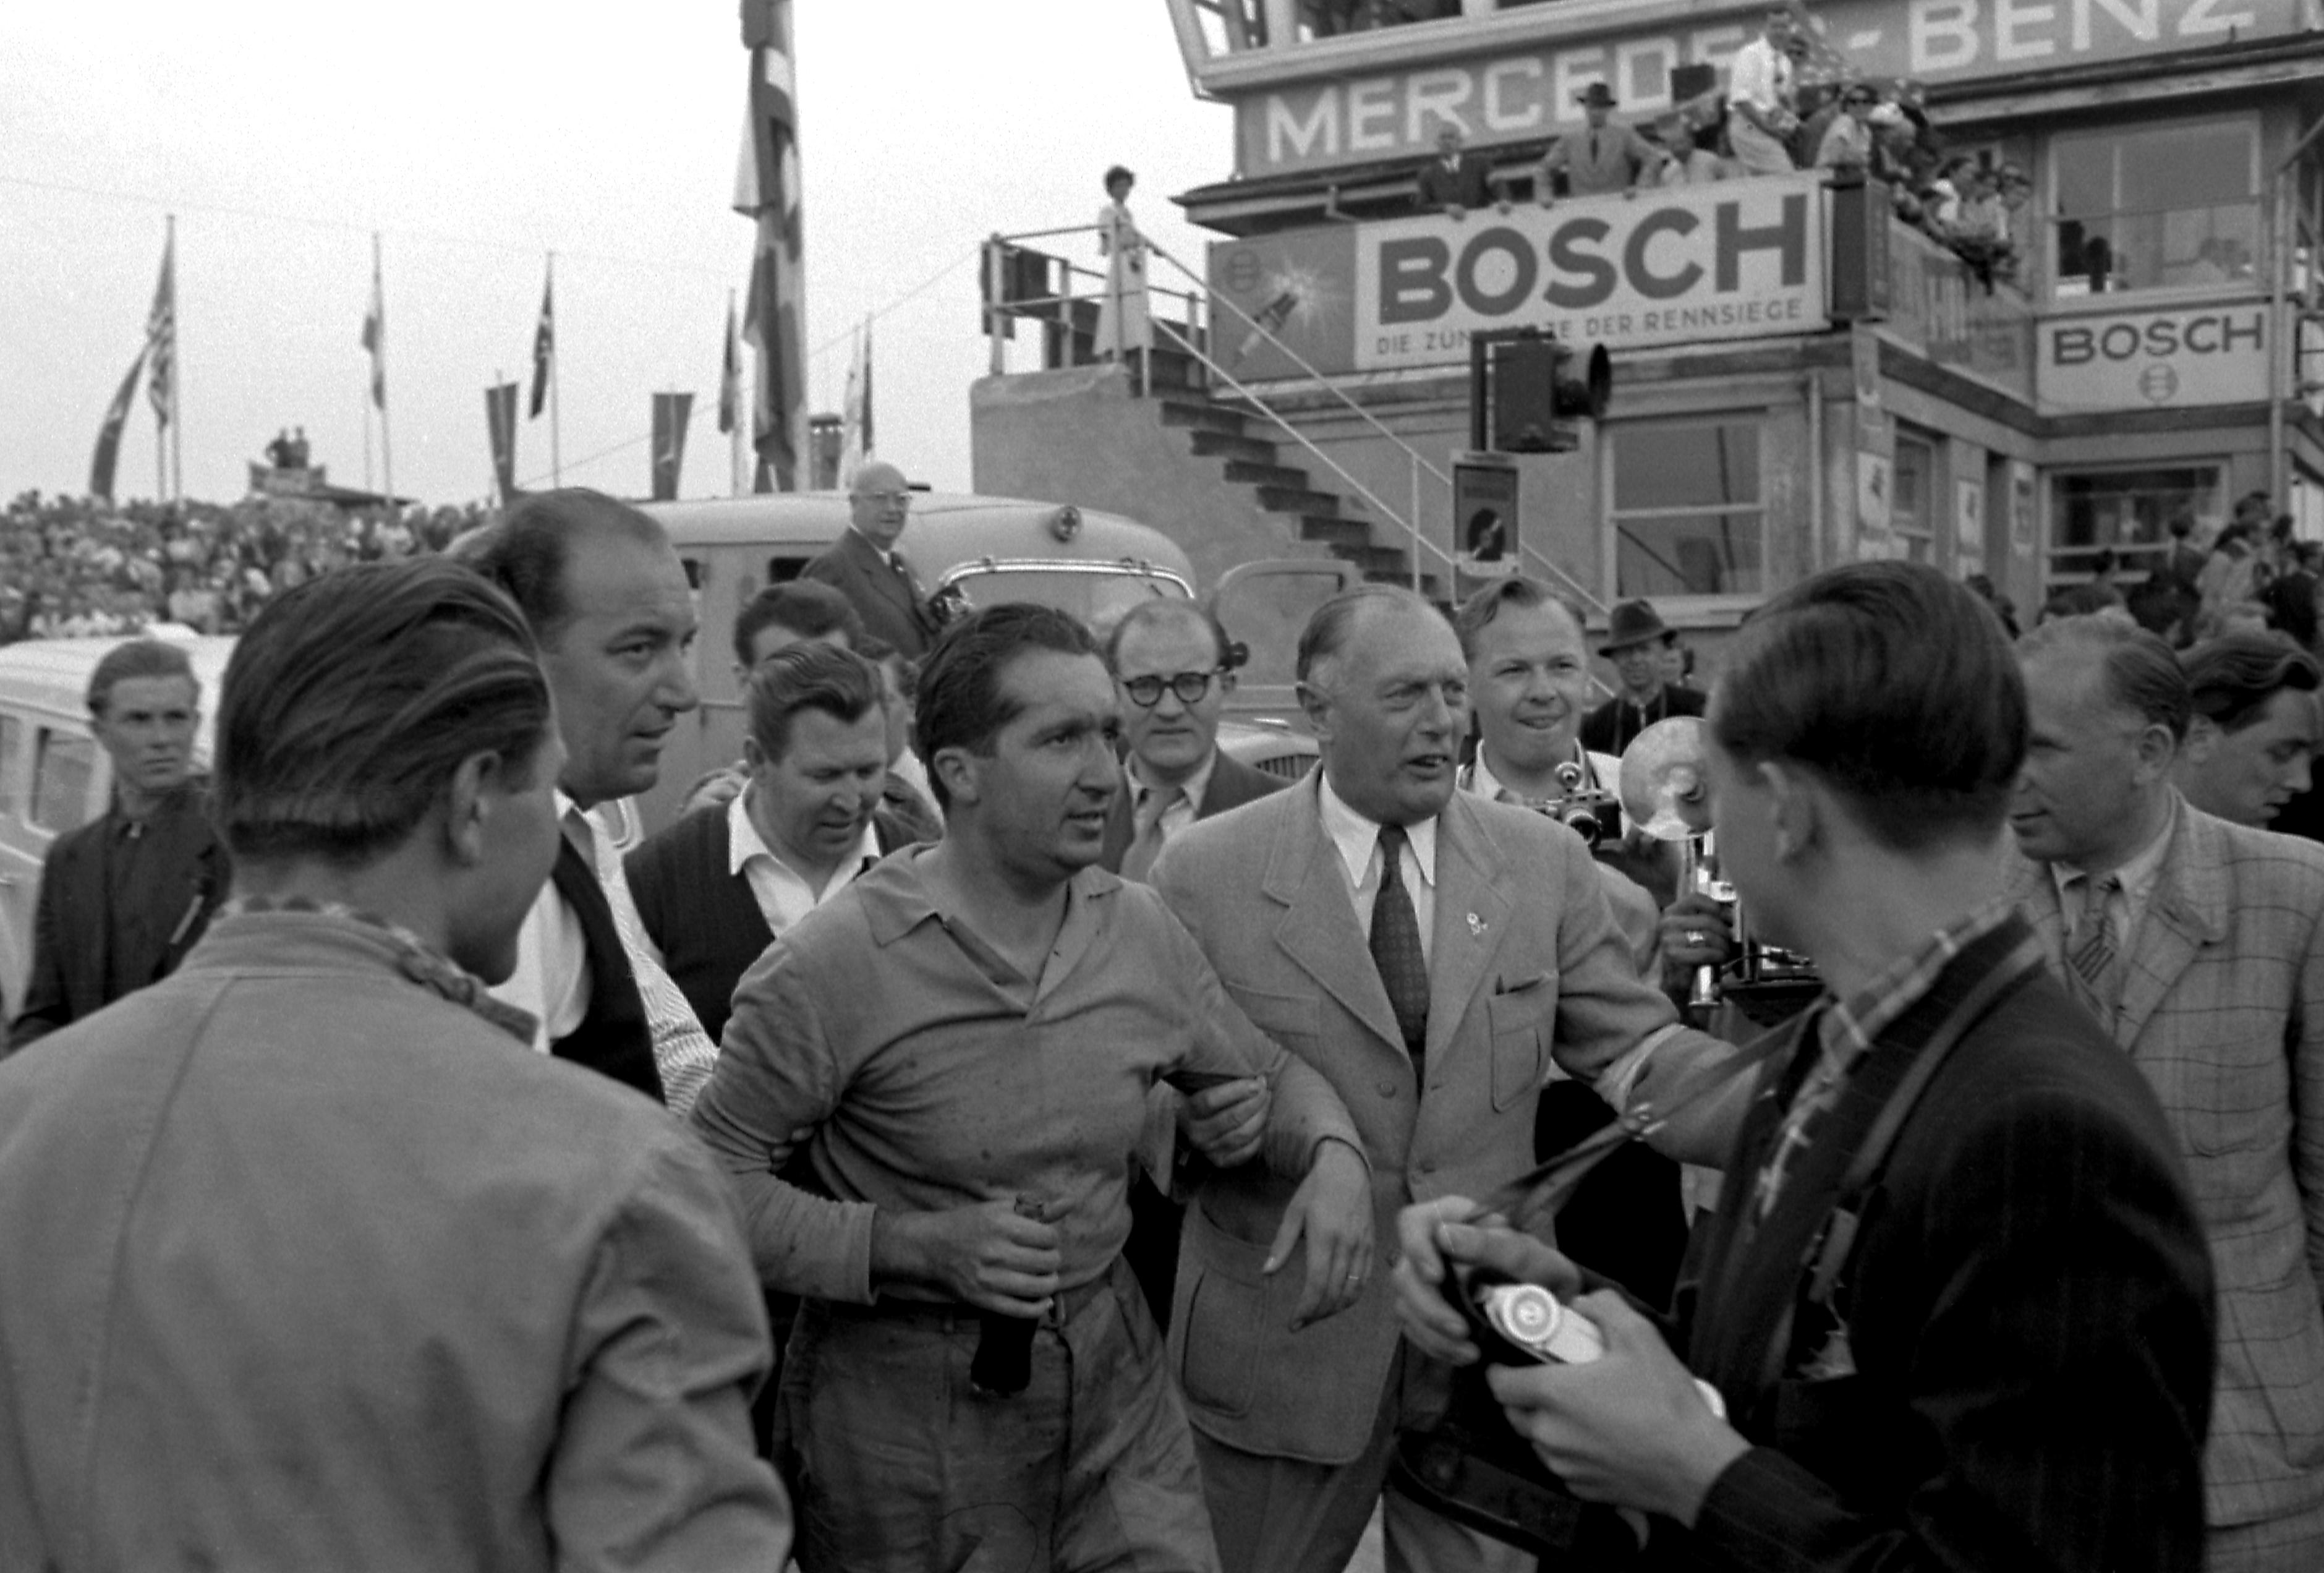 Alberto Ascari 1951